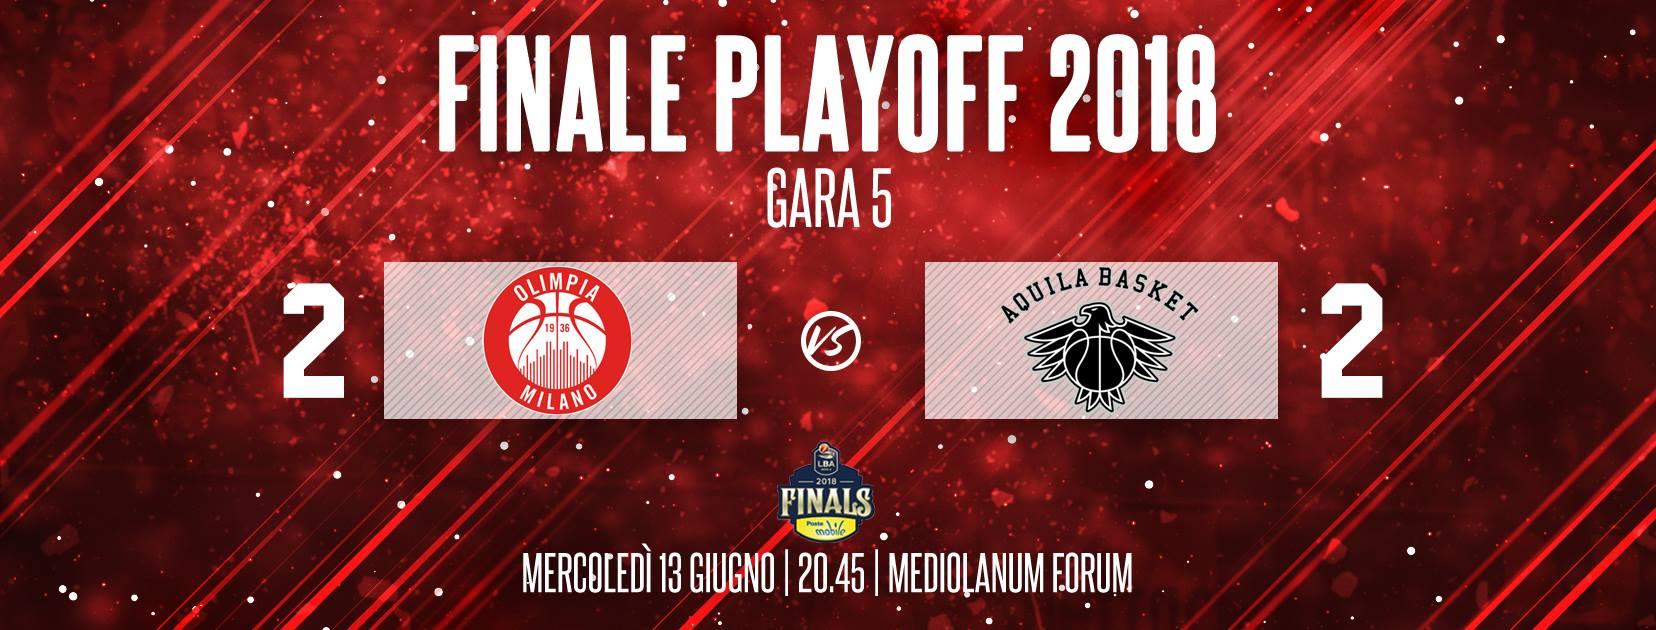 Lega A PosteMobile Finale Playoff 2018: mercoledì 13 giugno c'è Gara5 a Milano chi vince tra Trento ed Olimpia è ad un passo dal titolo